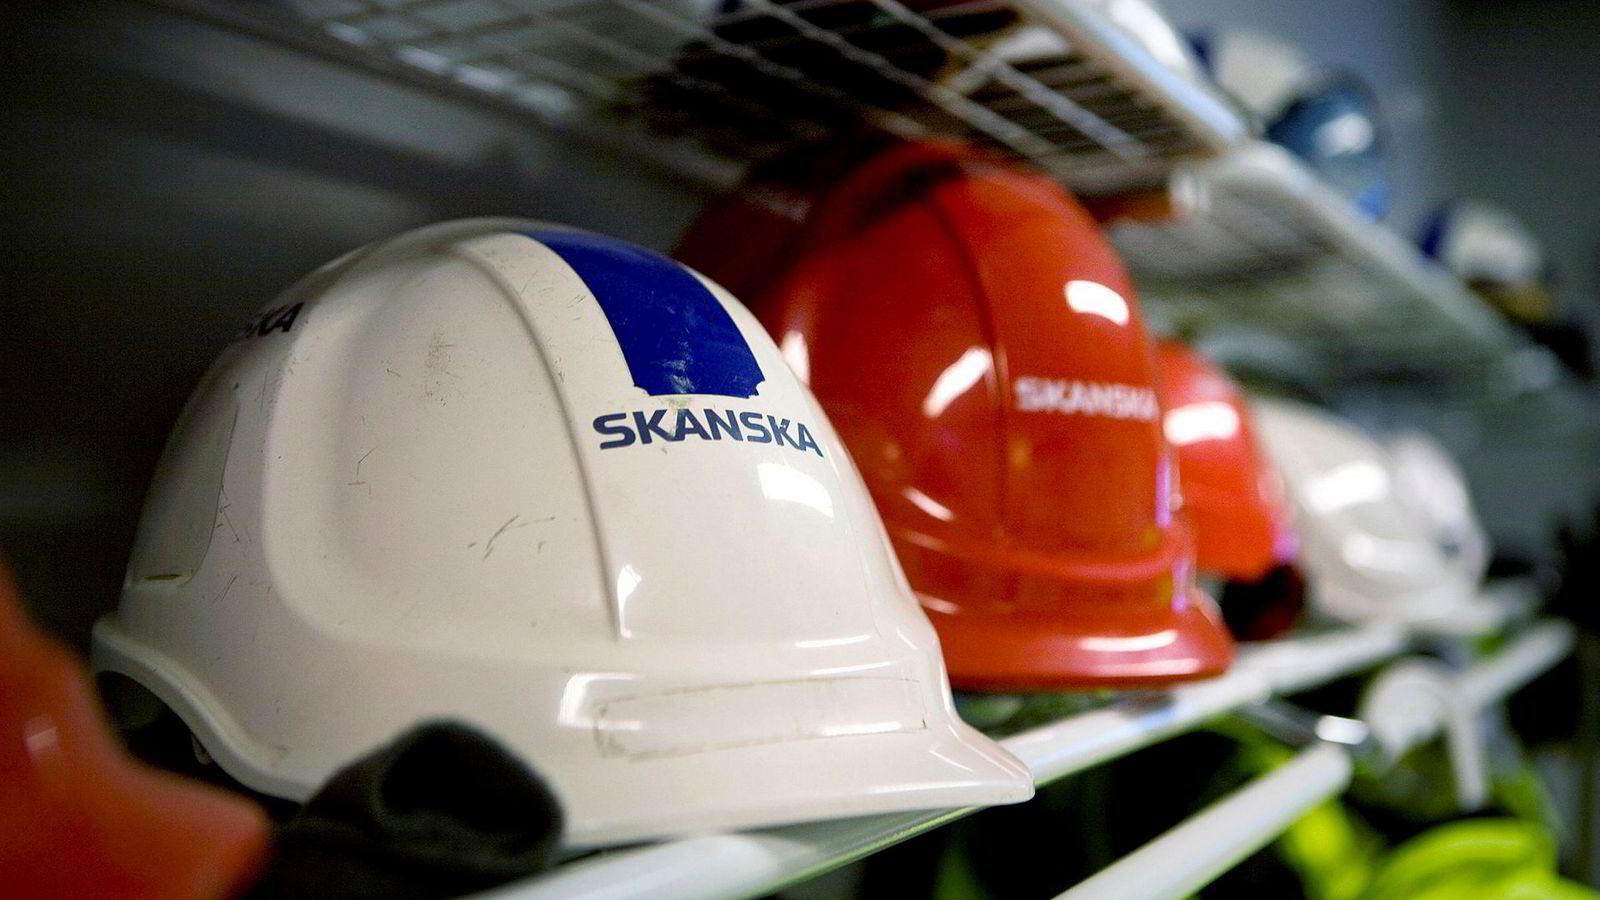 Høyesterett skal behandle søksmålet åtte Skanska-ansatte tok ut mot arbeidsgiver. Det kan rokke ved ansiennitetsprinsippet ved nedbemanning.